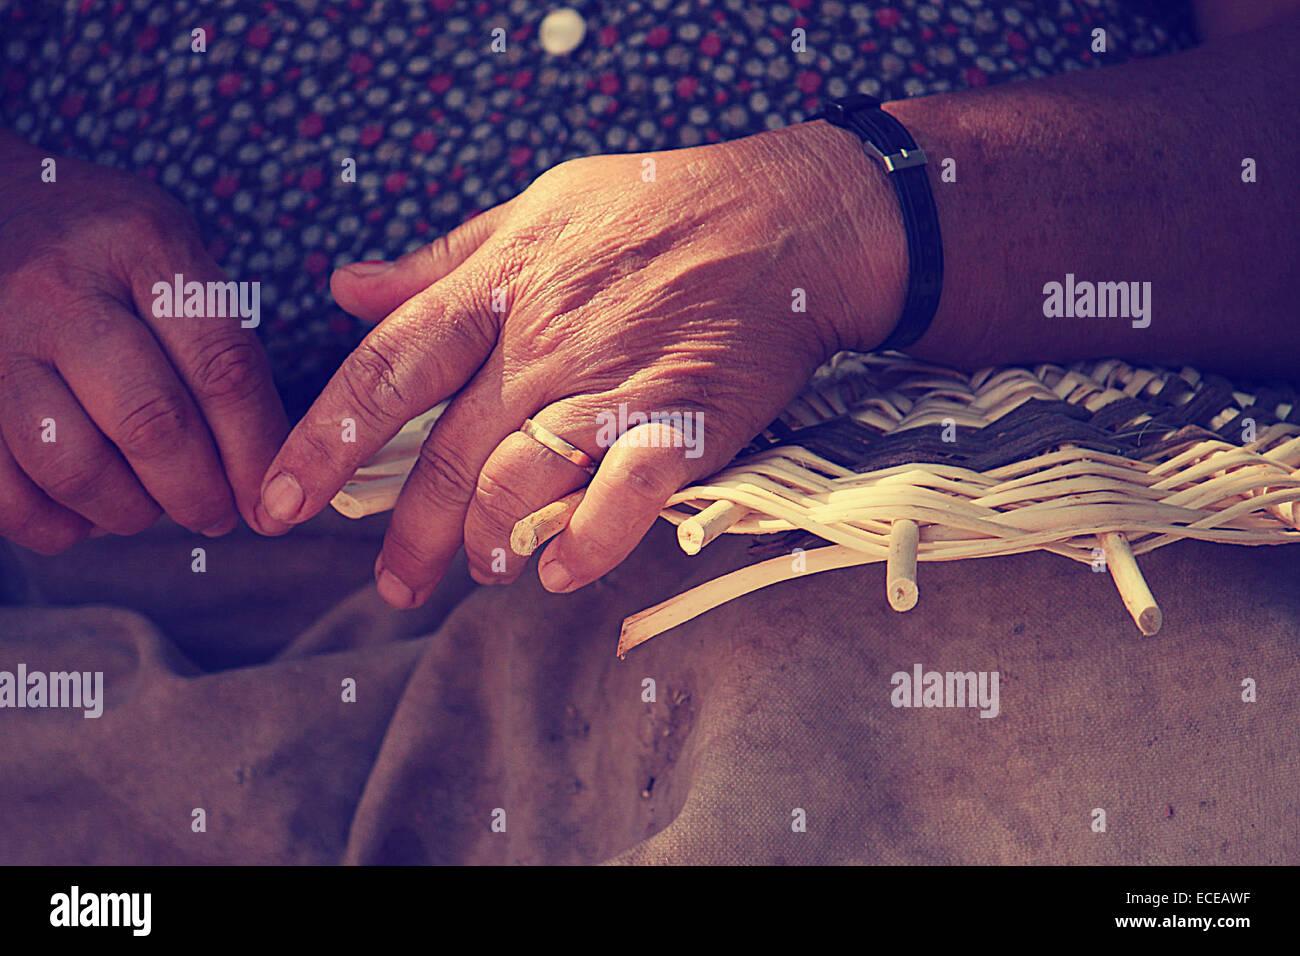 Nahaufnahme von weiblichen Händen weben Korb Stockbild